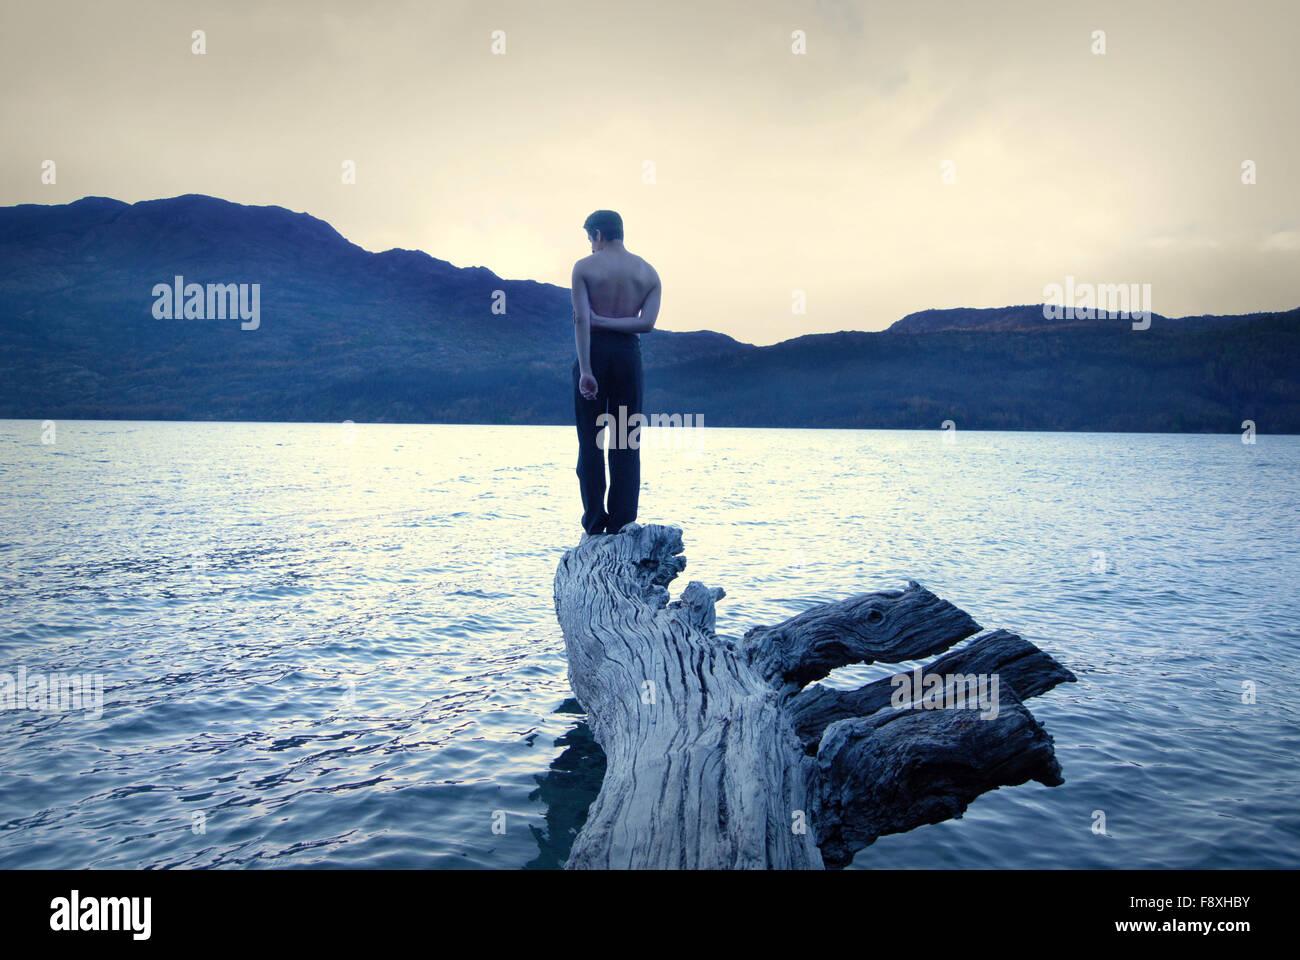 Garçon debout dans un arbre tombé au milieu de l'eau, ciel d'orage, vintage et conceptuel Banque D'Images